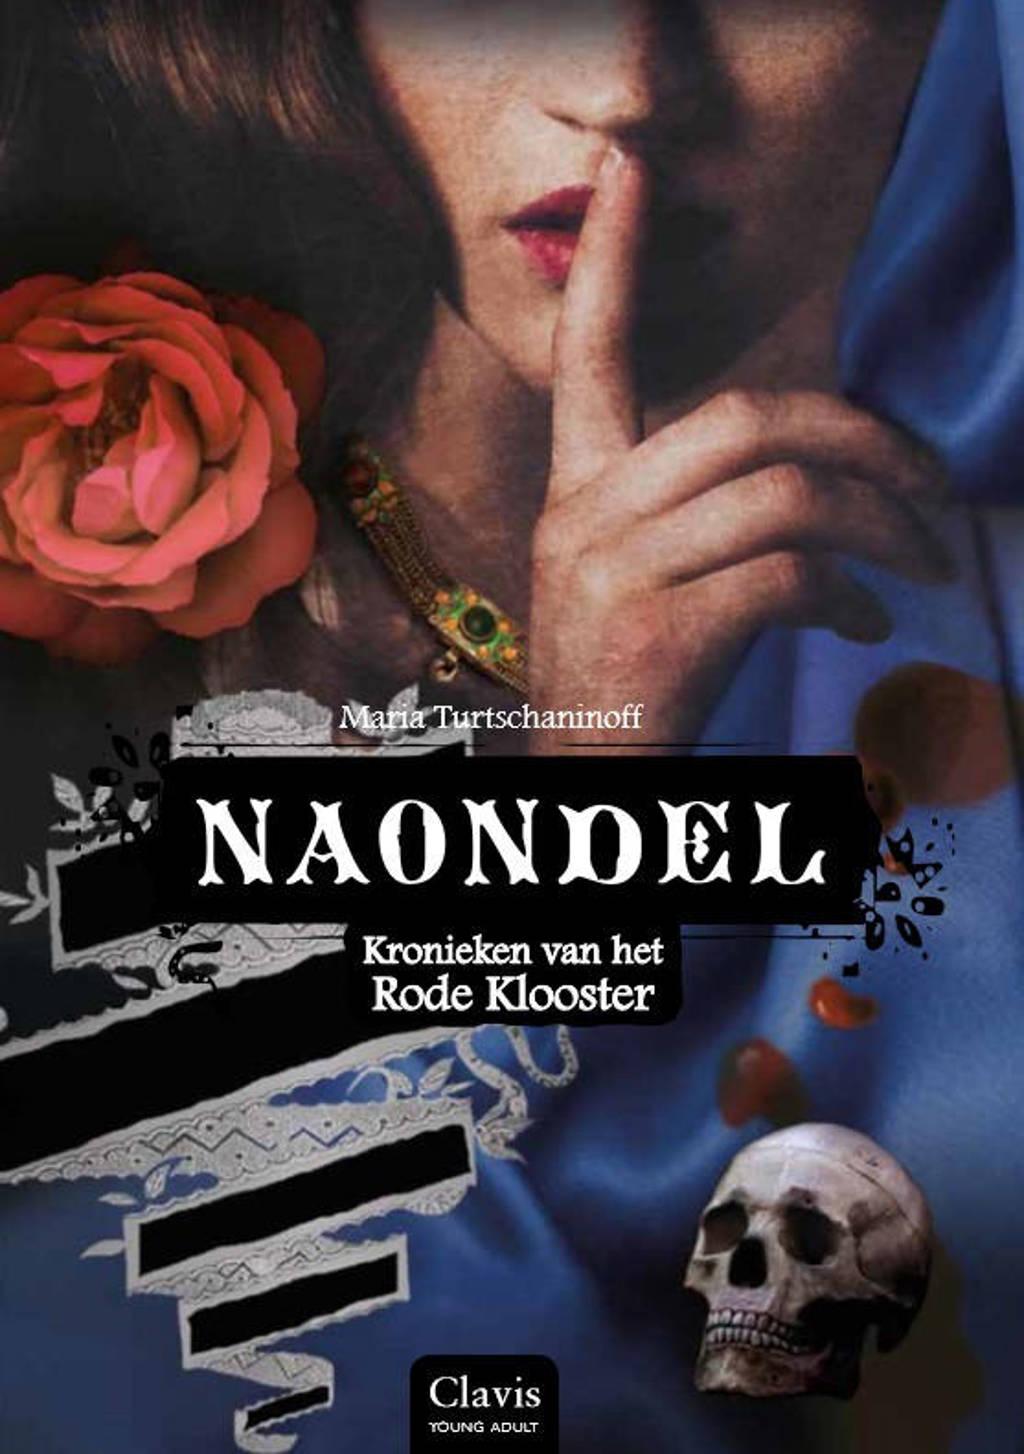 Kronieken van het Rode Klooster: Naondel - Maria Turtschaninoff